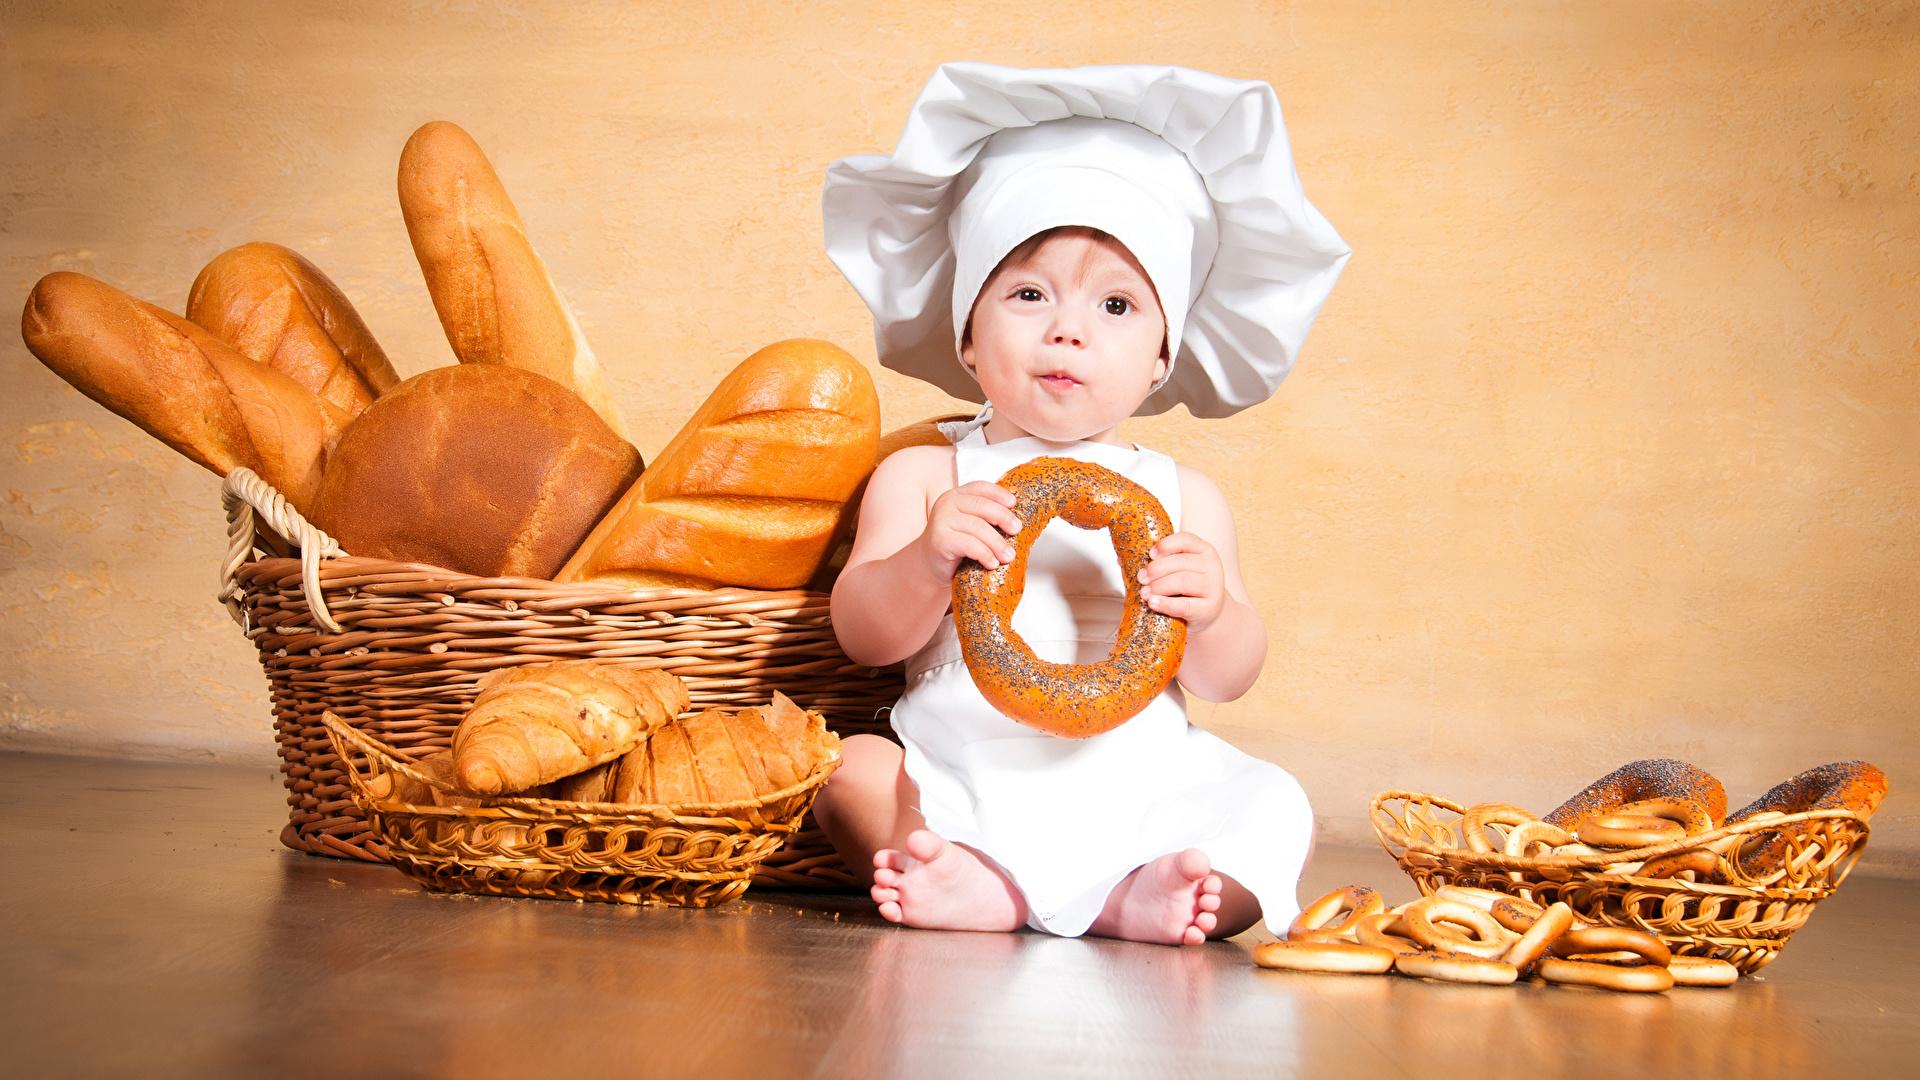 Фотография мальчик младенца ребёнок Хлеб Корзинка повары Выпечка 1920x1080 Мальчики Младенцы младенец мальчишки мальчишка грудной ребёнок Дети корзины Корзина Повар повара